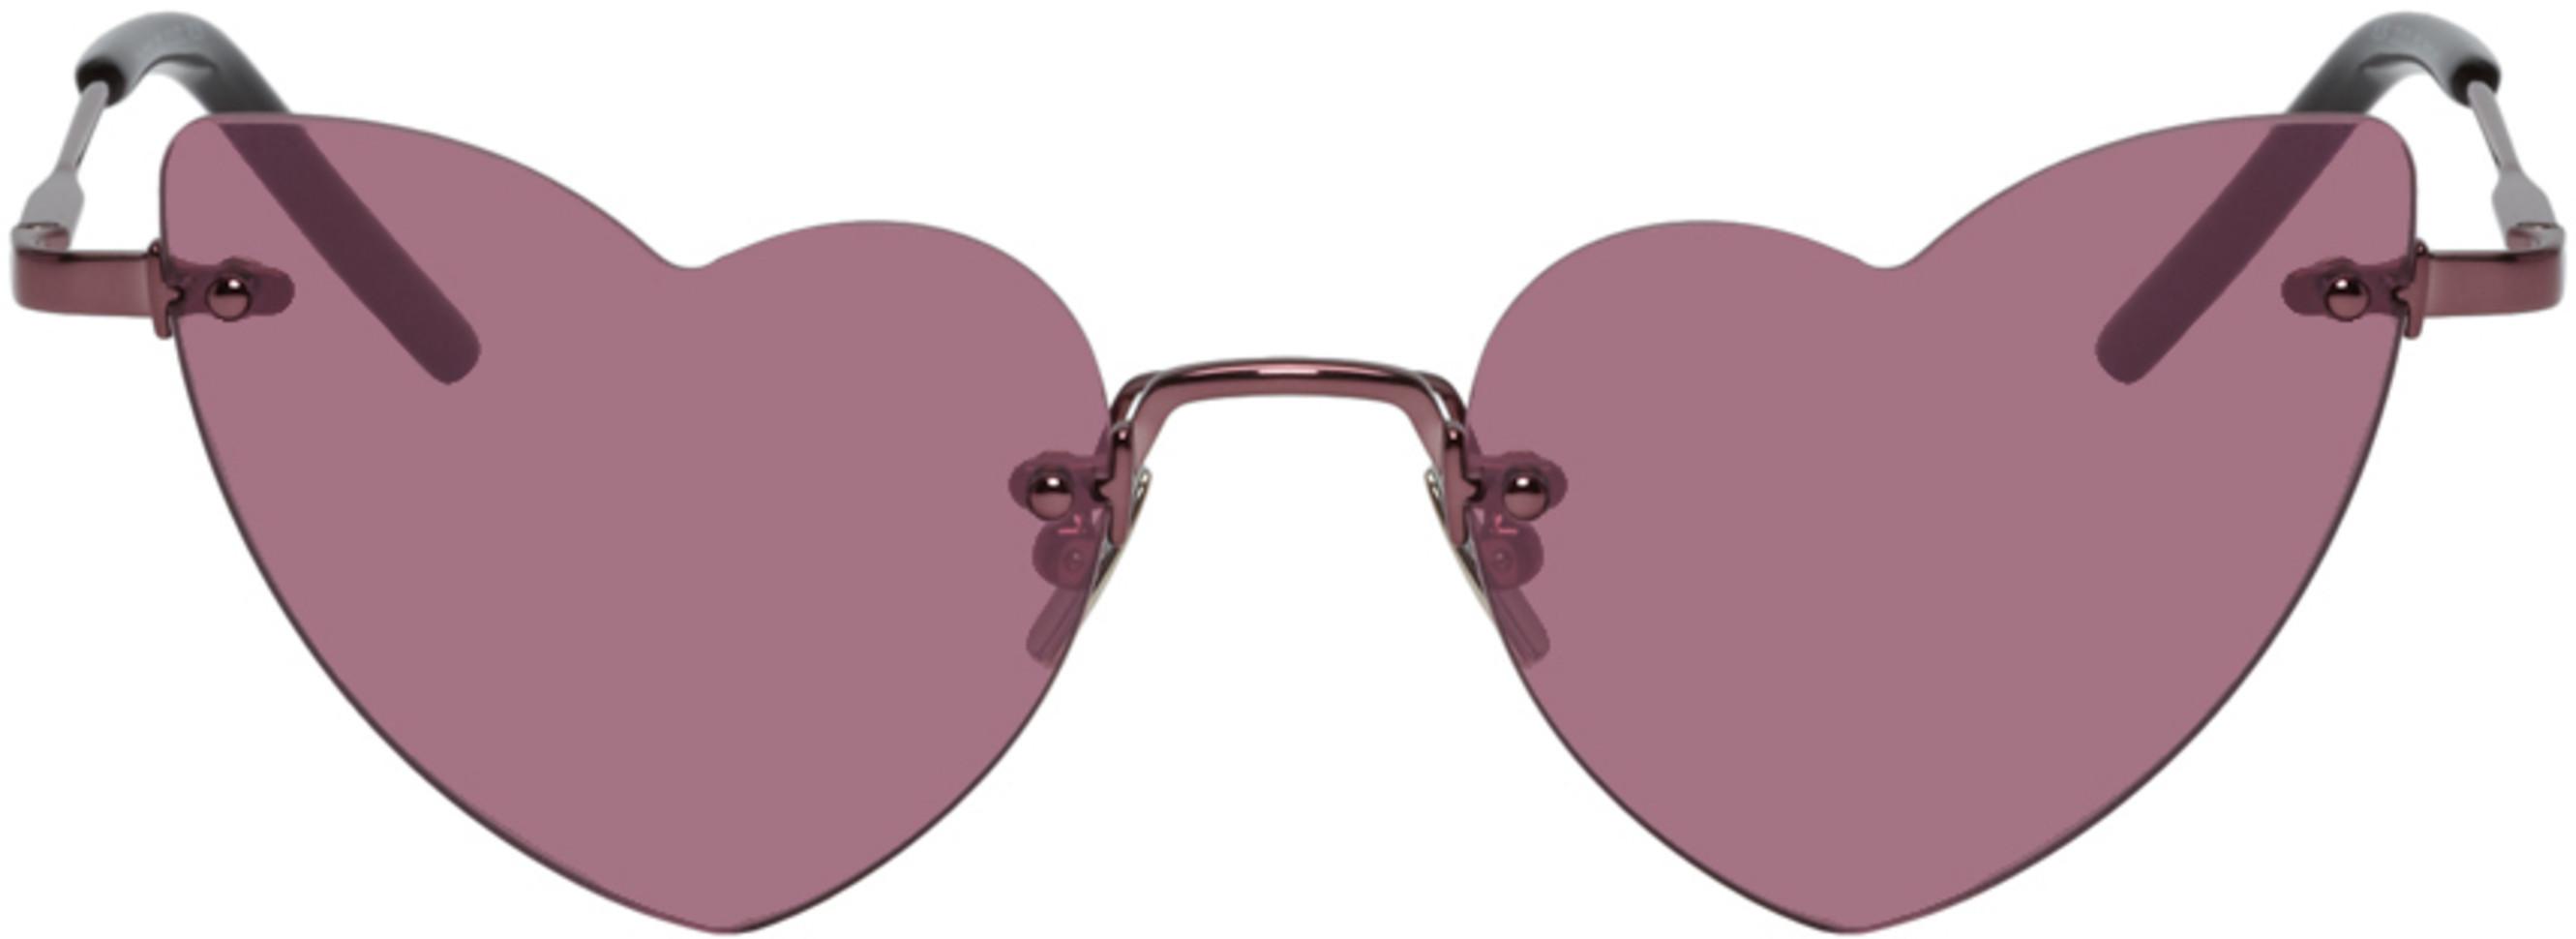 a16d3a249202 Saint Laurent sunglasses for Women | SSENSE